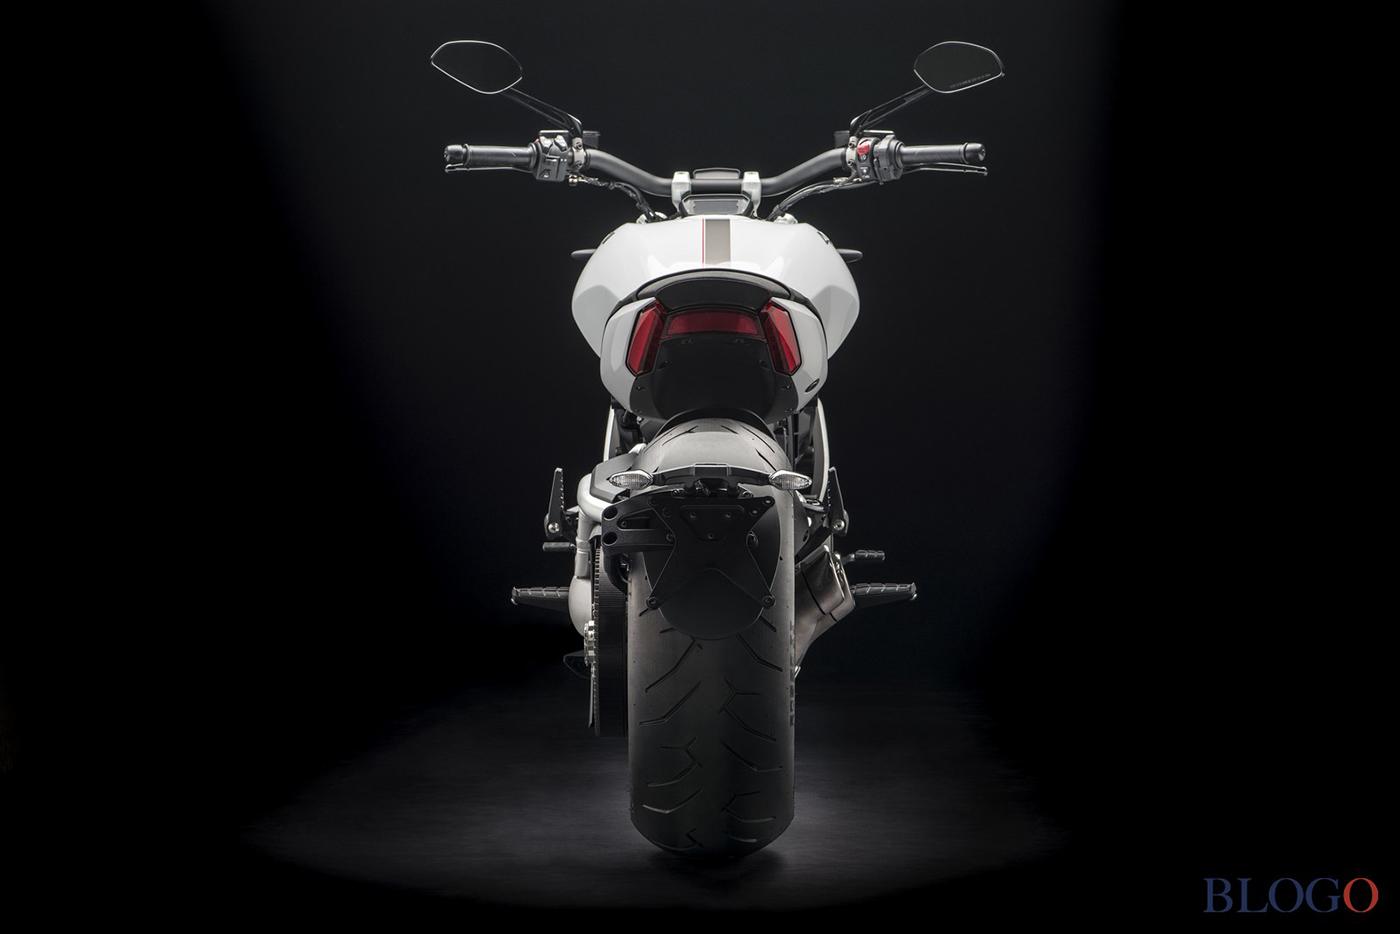 Ra mắt Ducati XDiavel S phiên bản Tảng băng trôi - ảnh 5